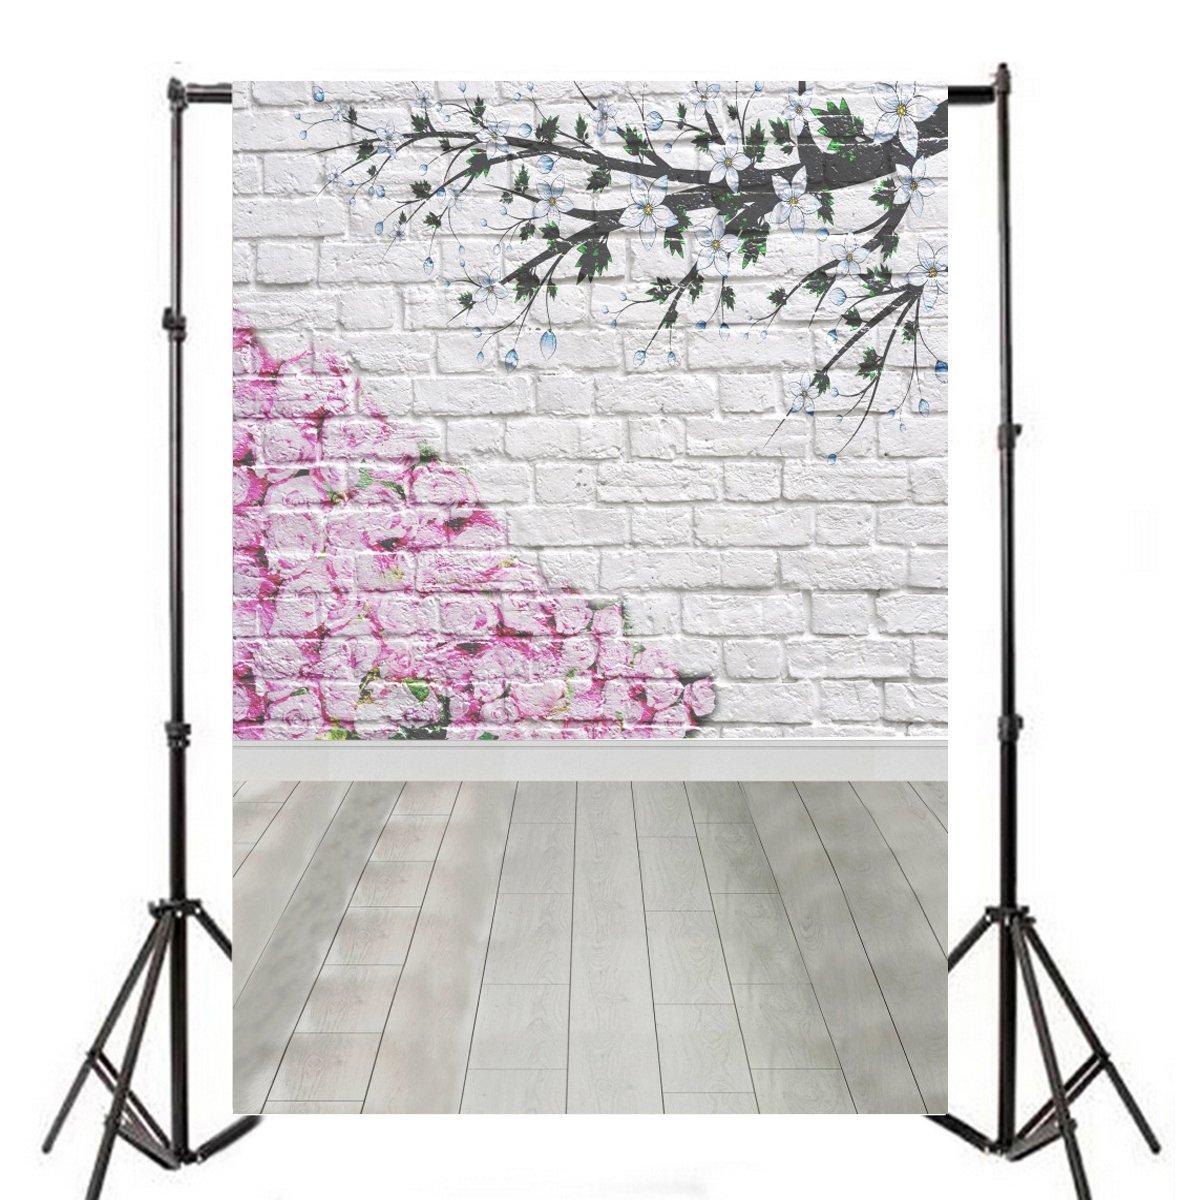 新入荷 X 4 Aofoto 6ft写真バックドロップ芸術的背景whitewashedレンガ